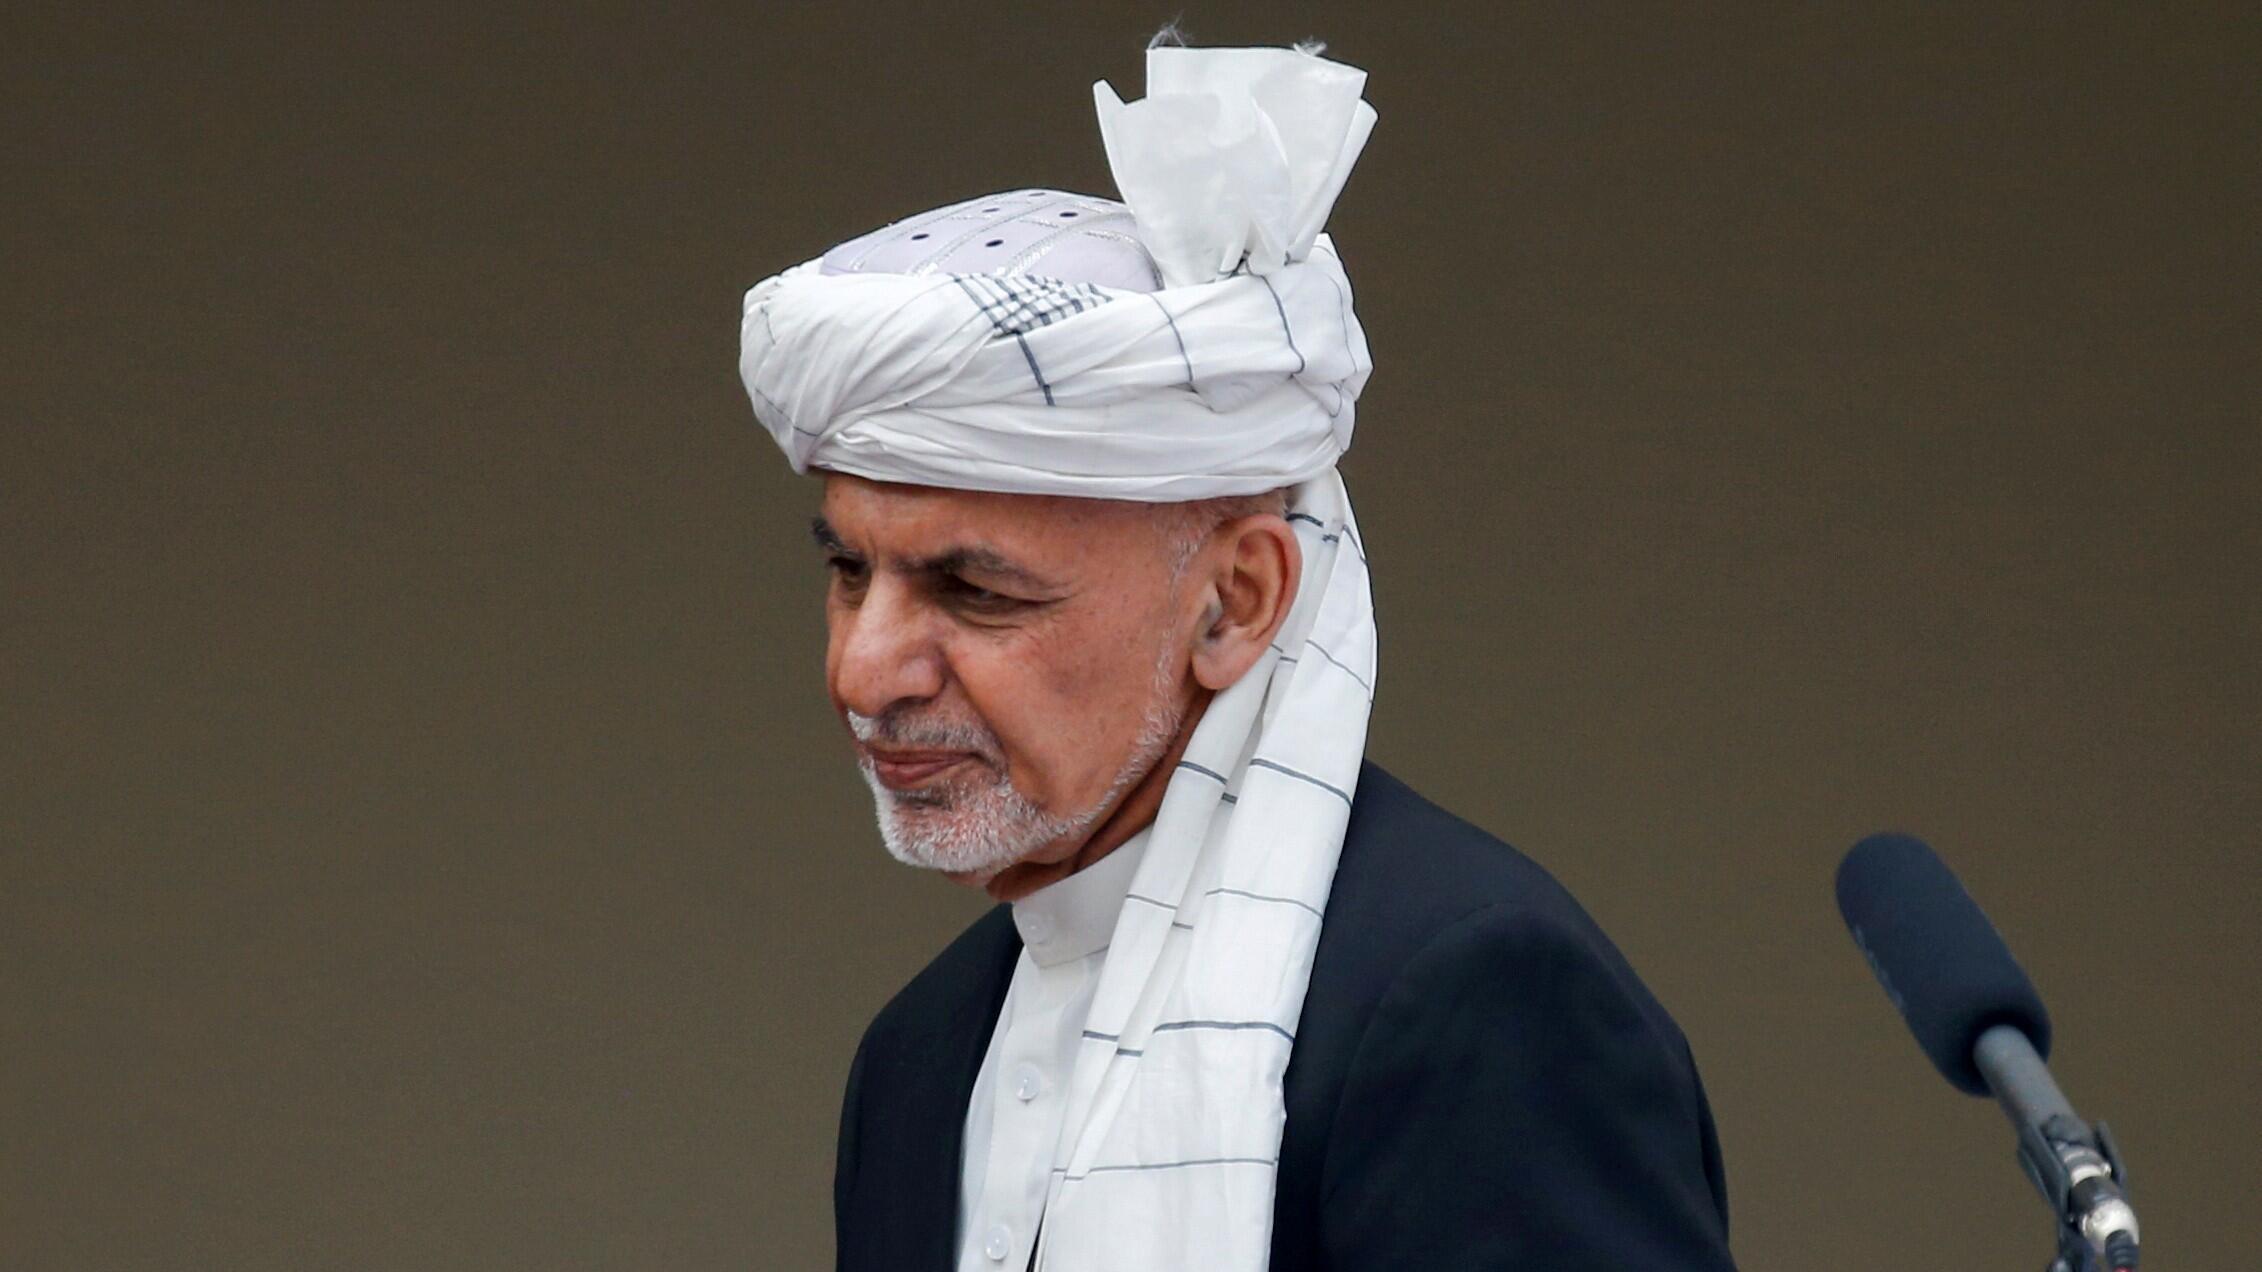 El presidente de Afganistán, Ashraf Ghani, llega a su toma de posesión como presidente, en Kabul, Afganistán, el 9 de marzo de 2020.